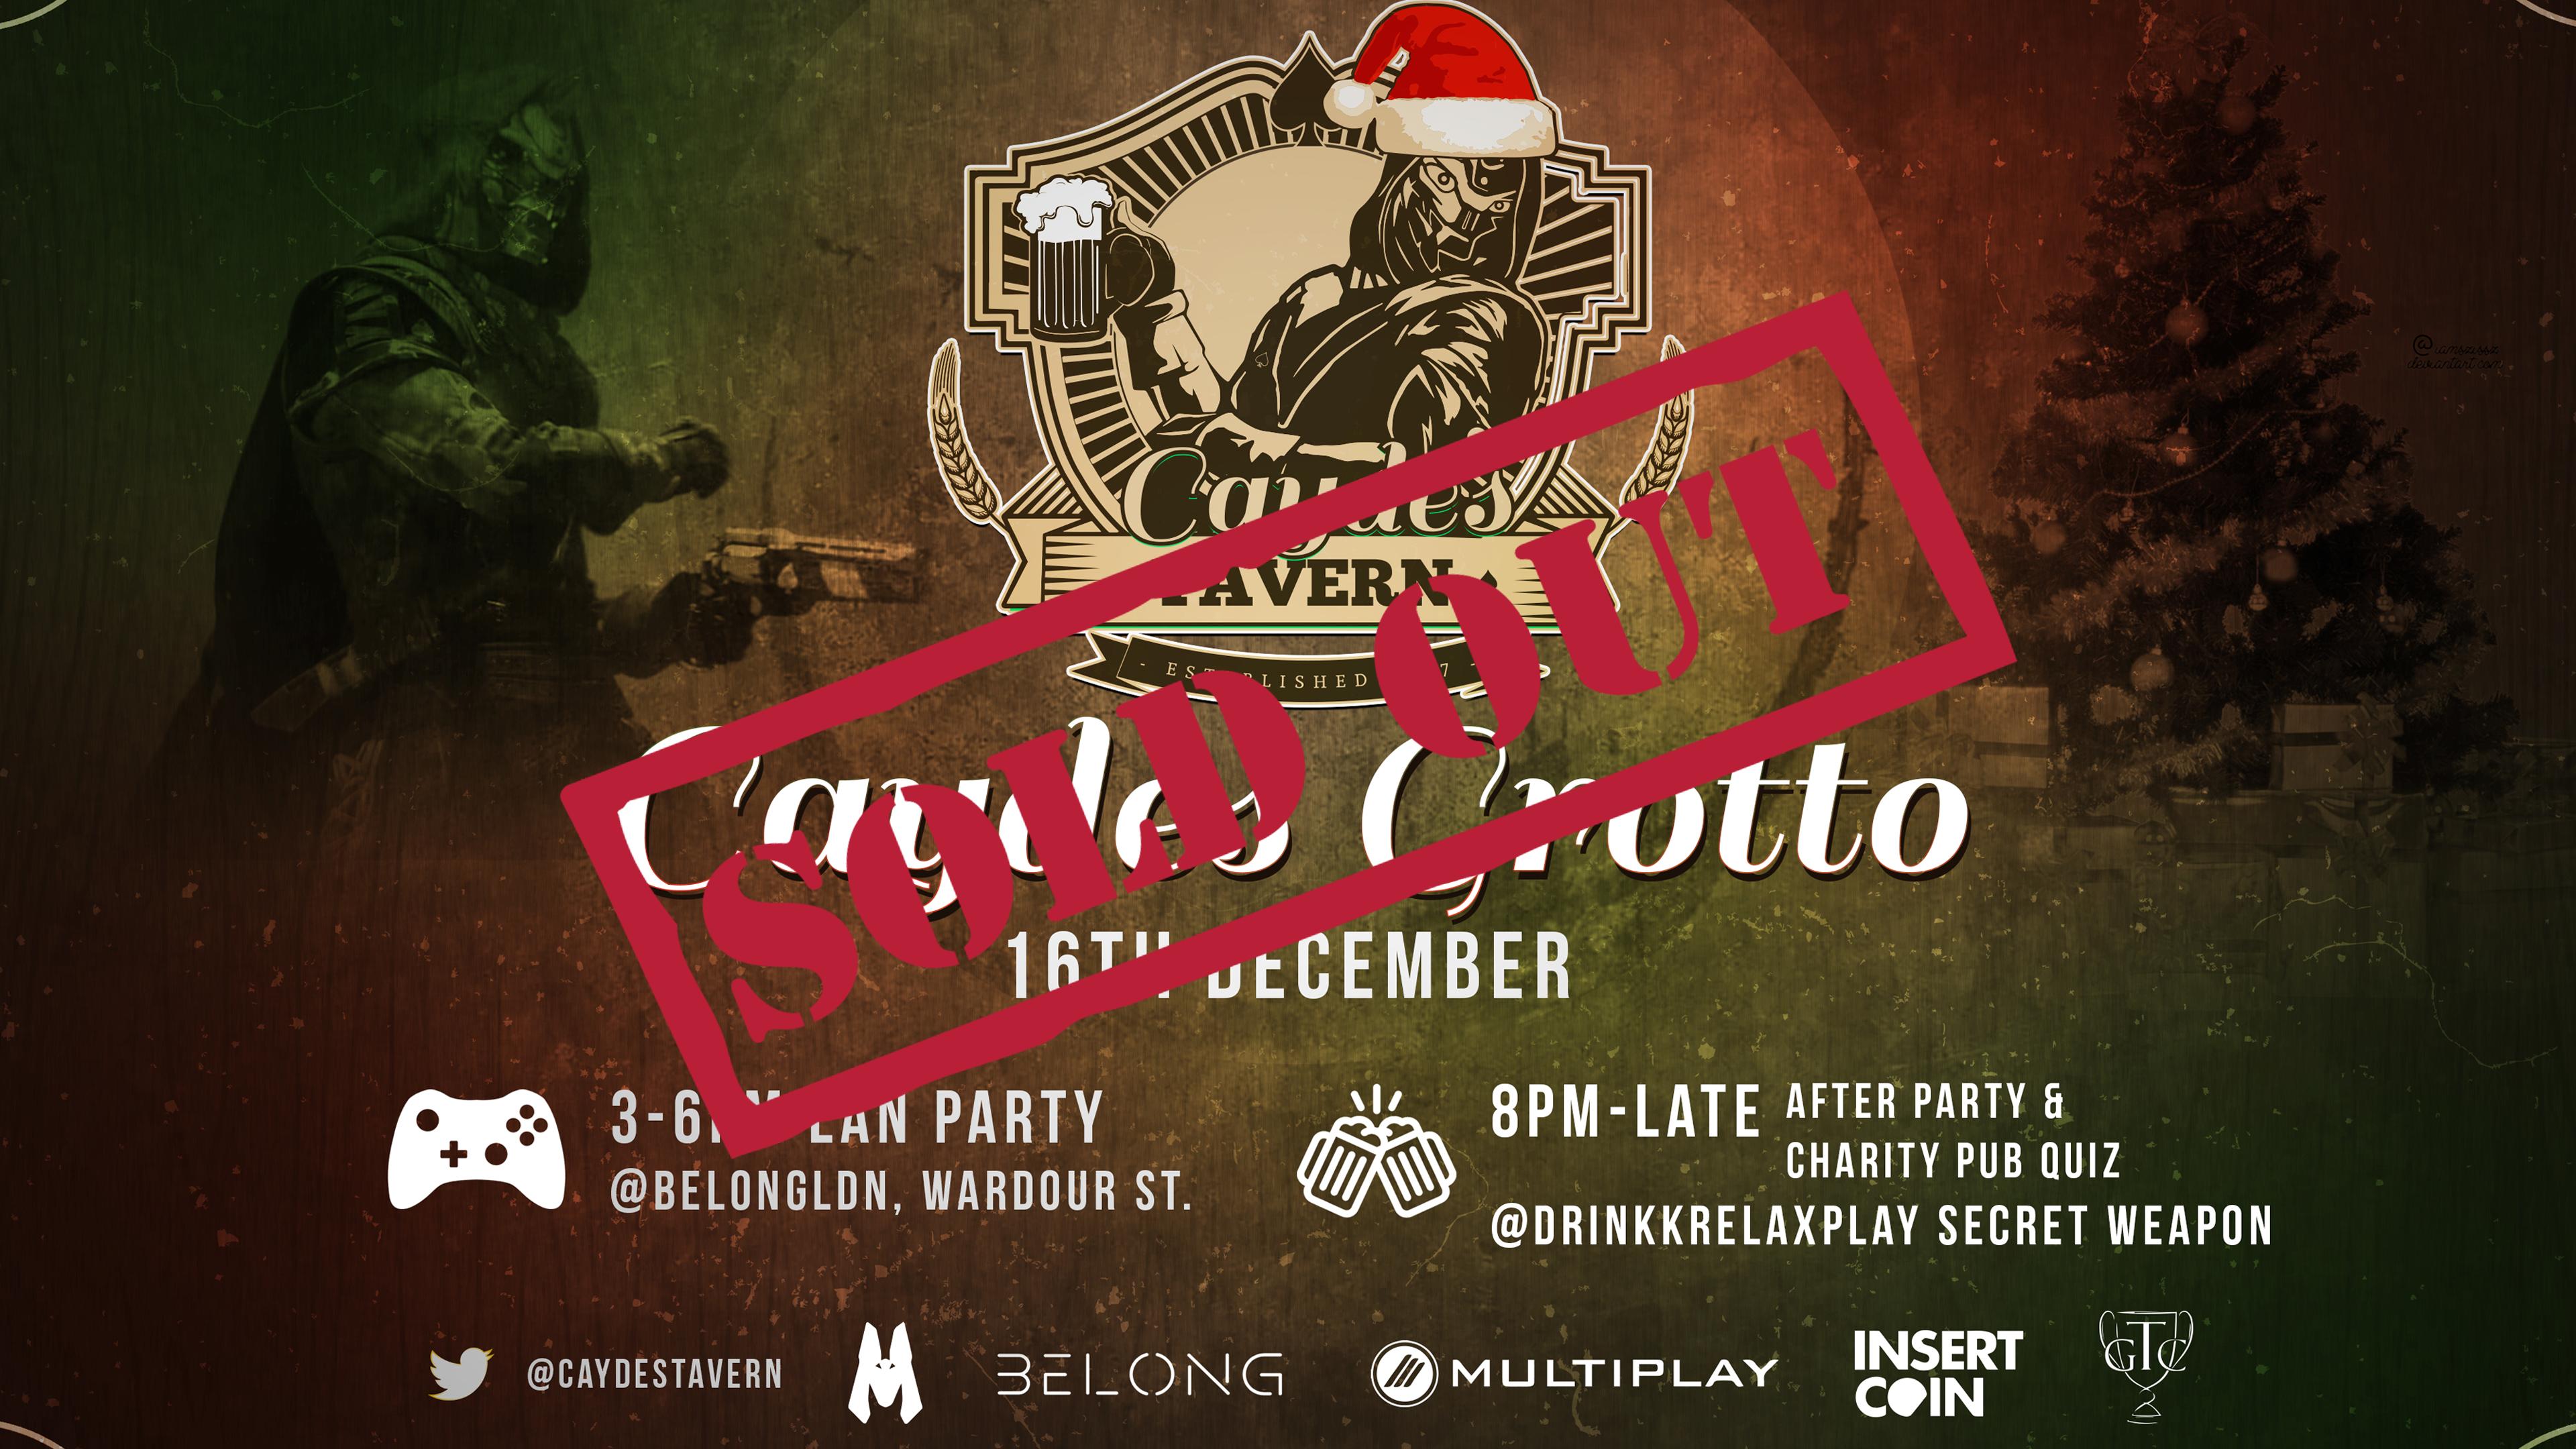 CAYDE'S GROTTO - Destiny 2 Social LAN Party